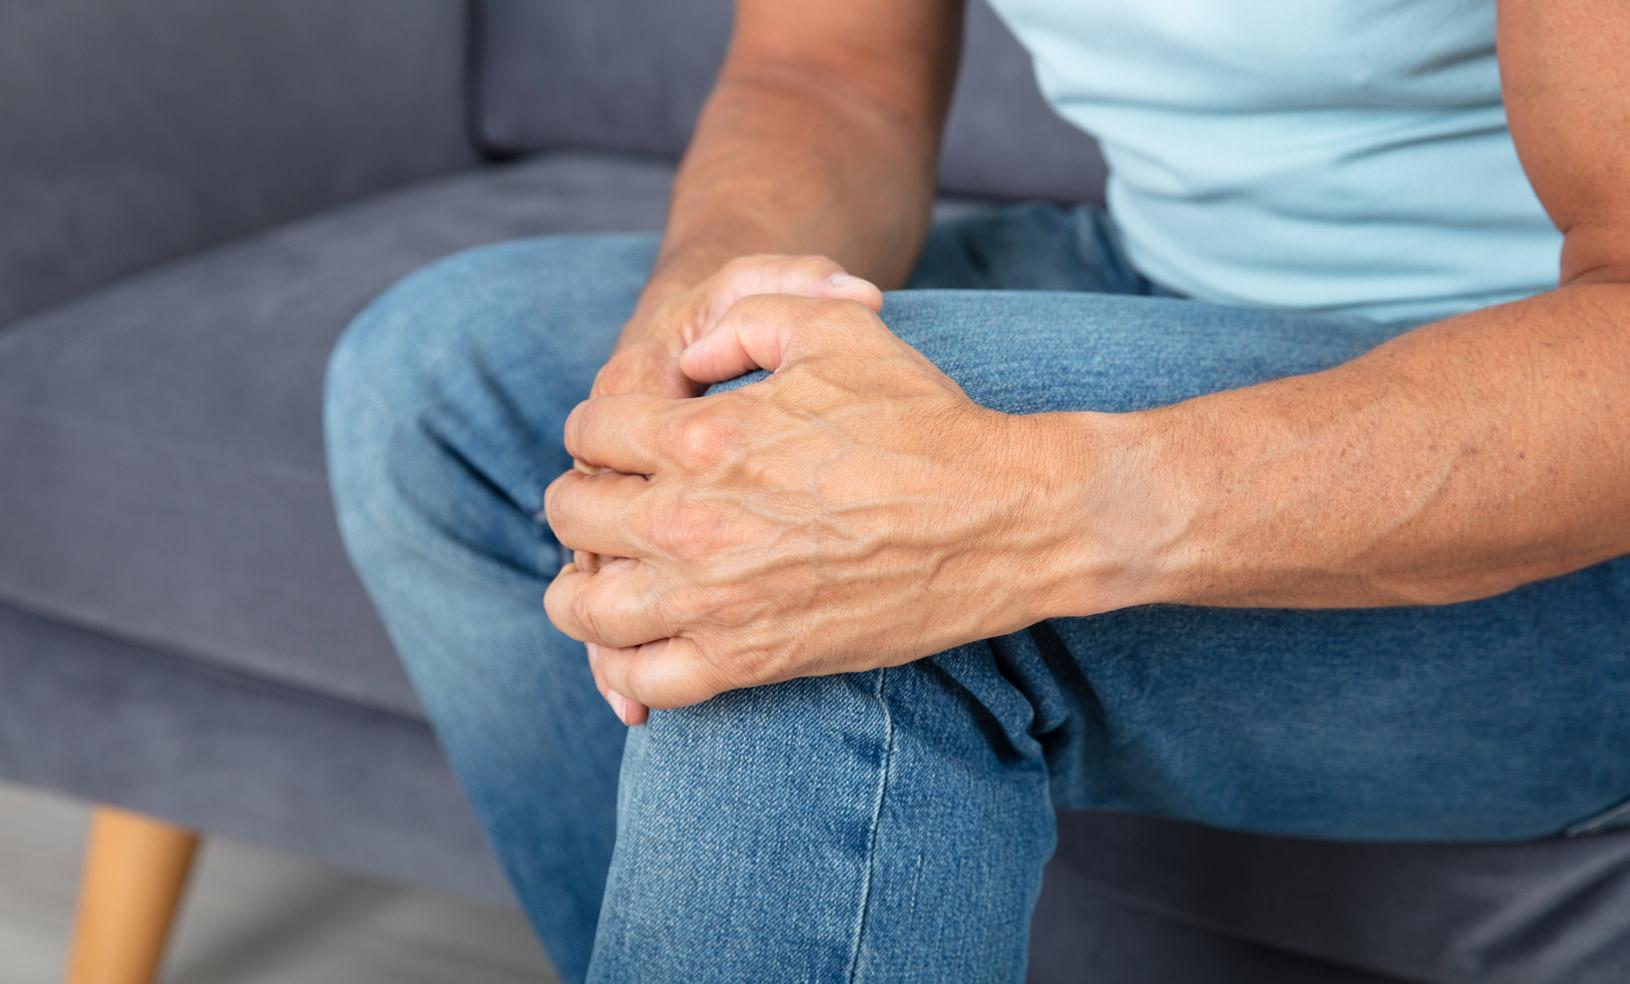 Dor nos joelhos pode ser condromalácia